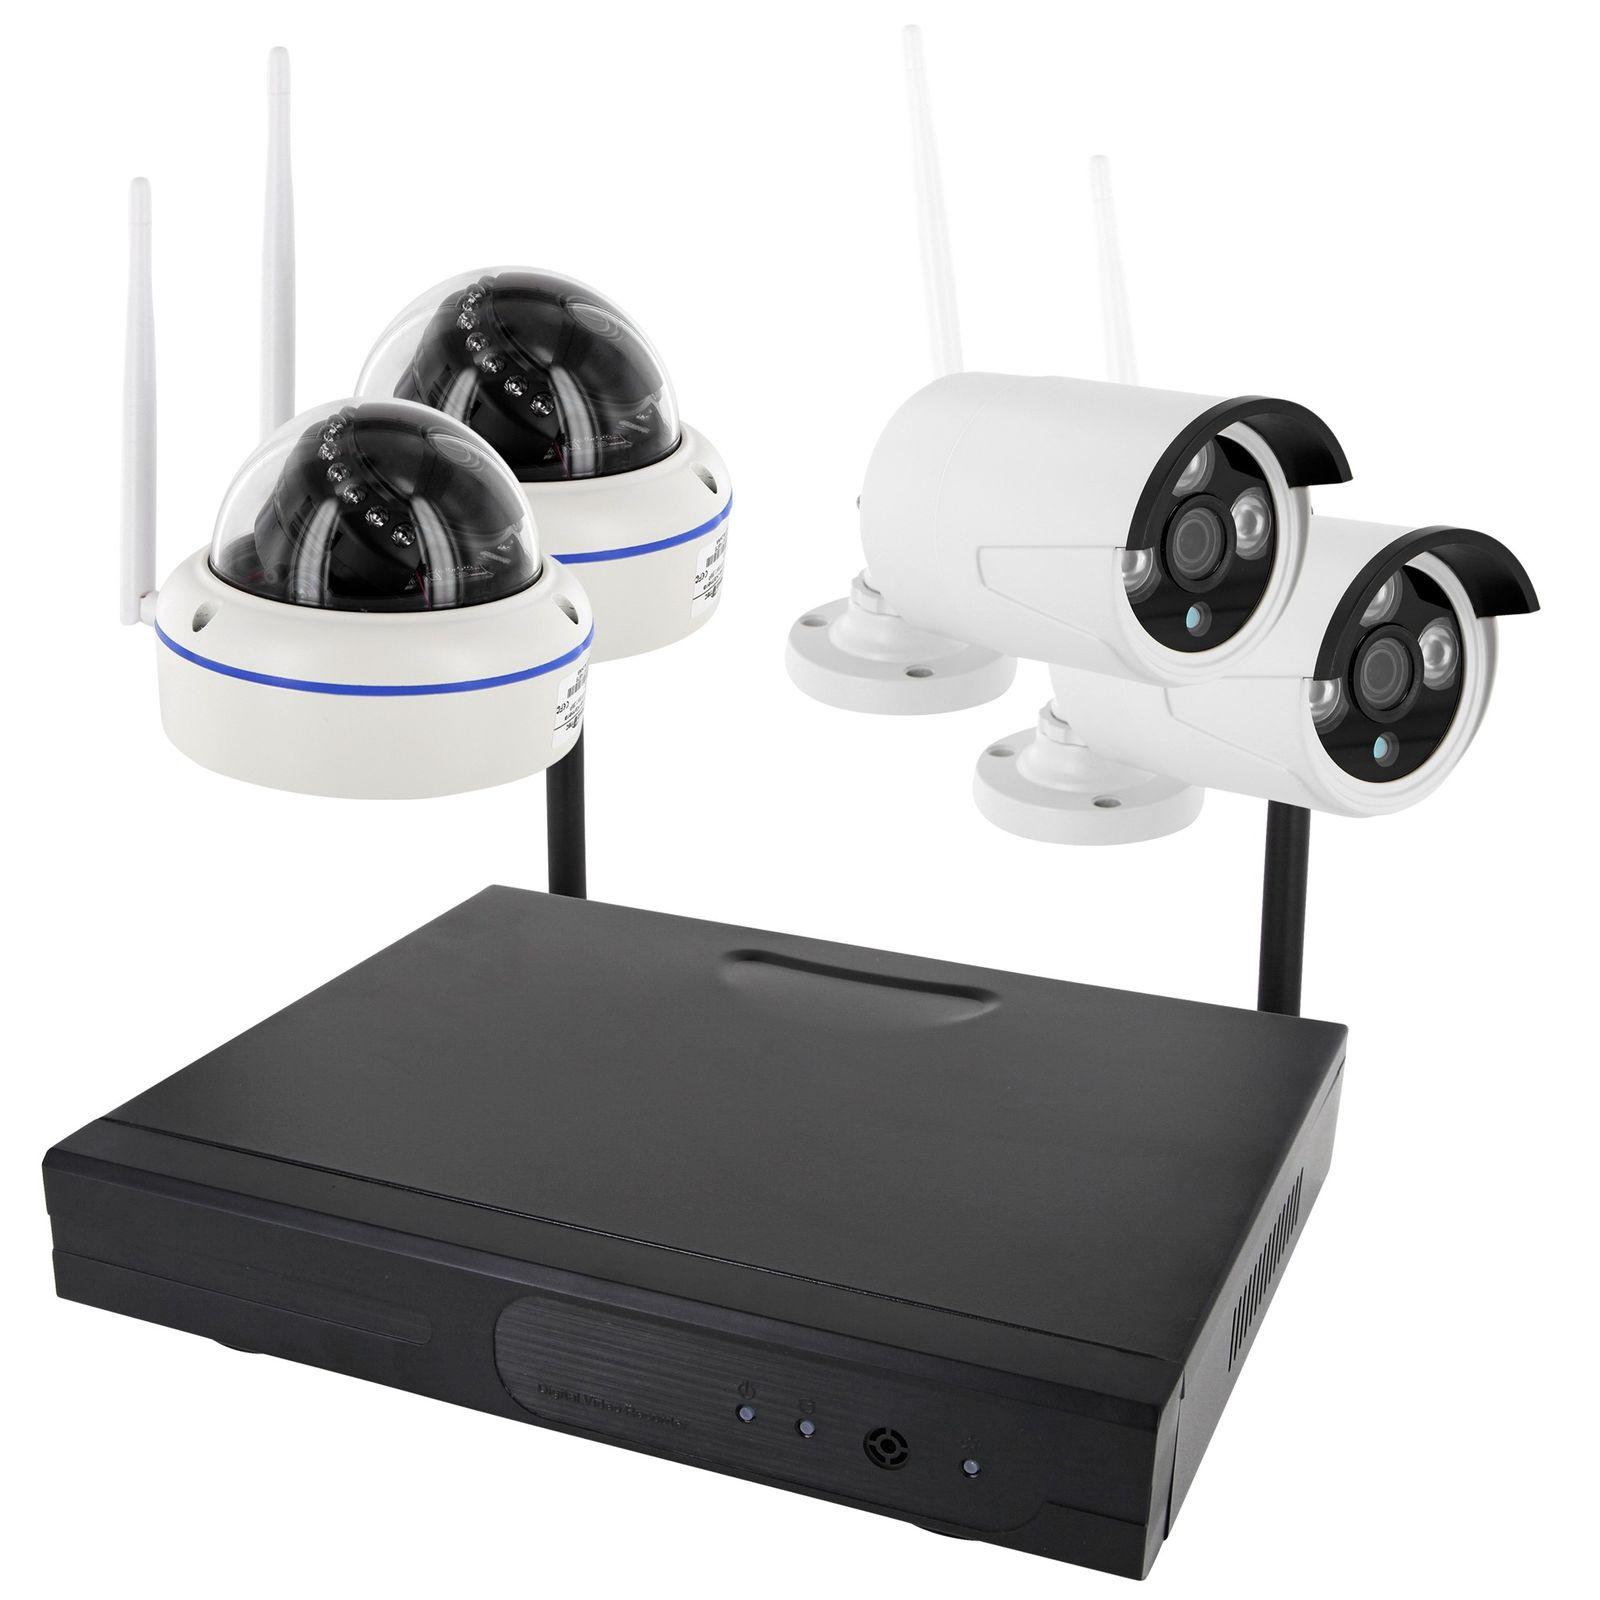 W-LAN WLAN HD WiFi NVR LAN Überwachungssystem 1,3 MP 960p 4 x WiFi IP Kameras App